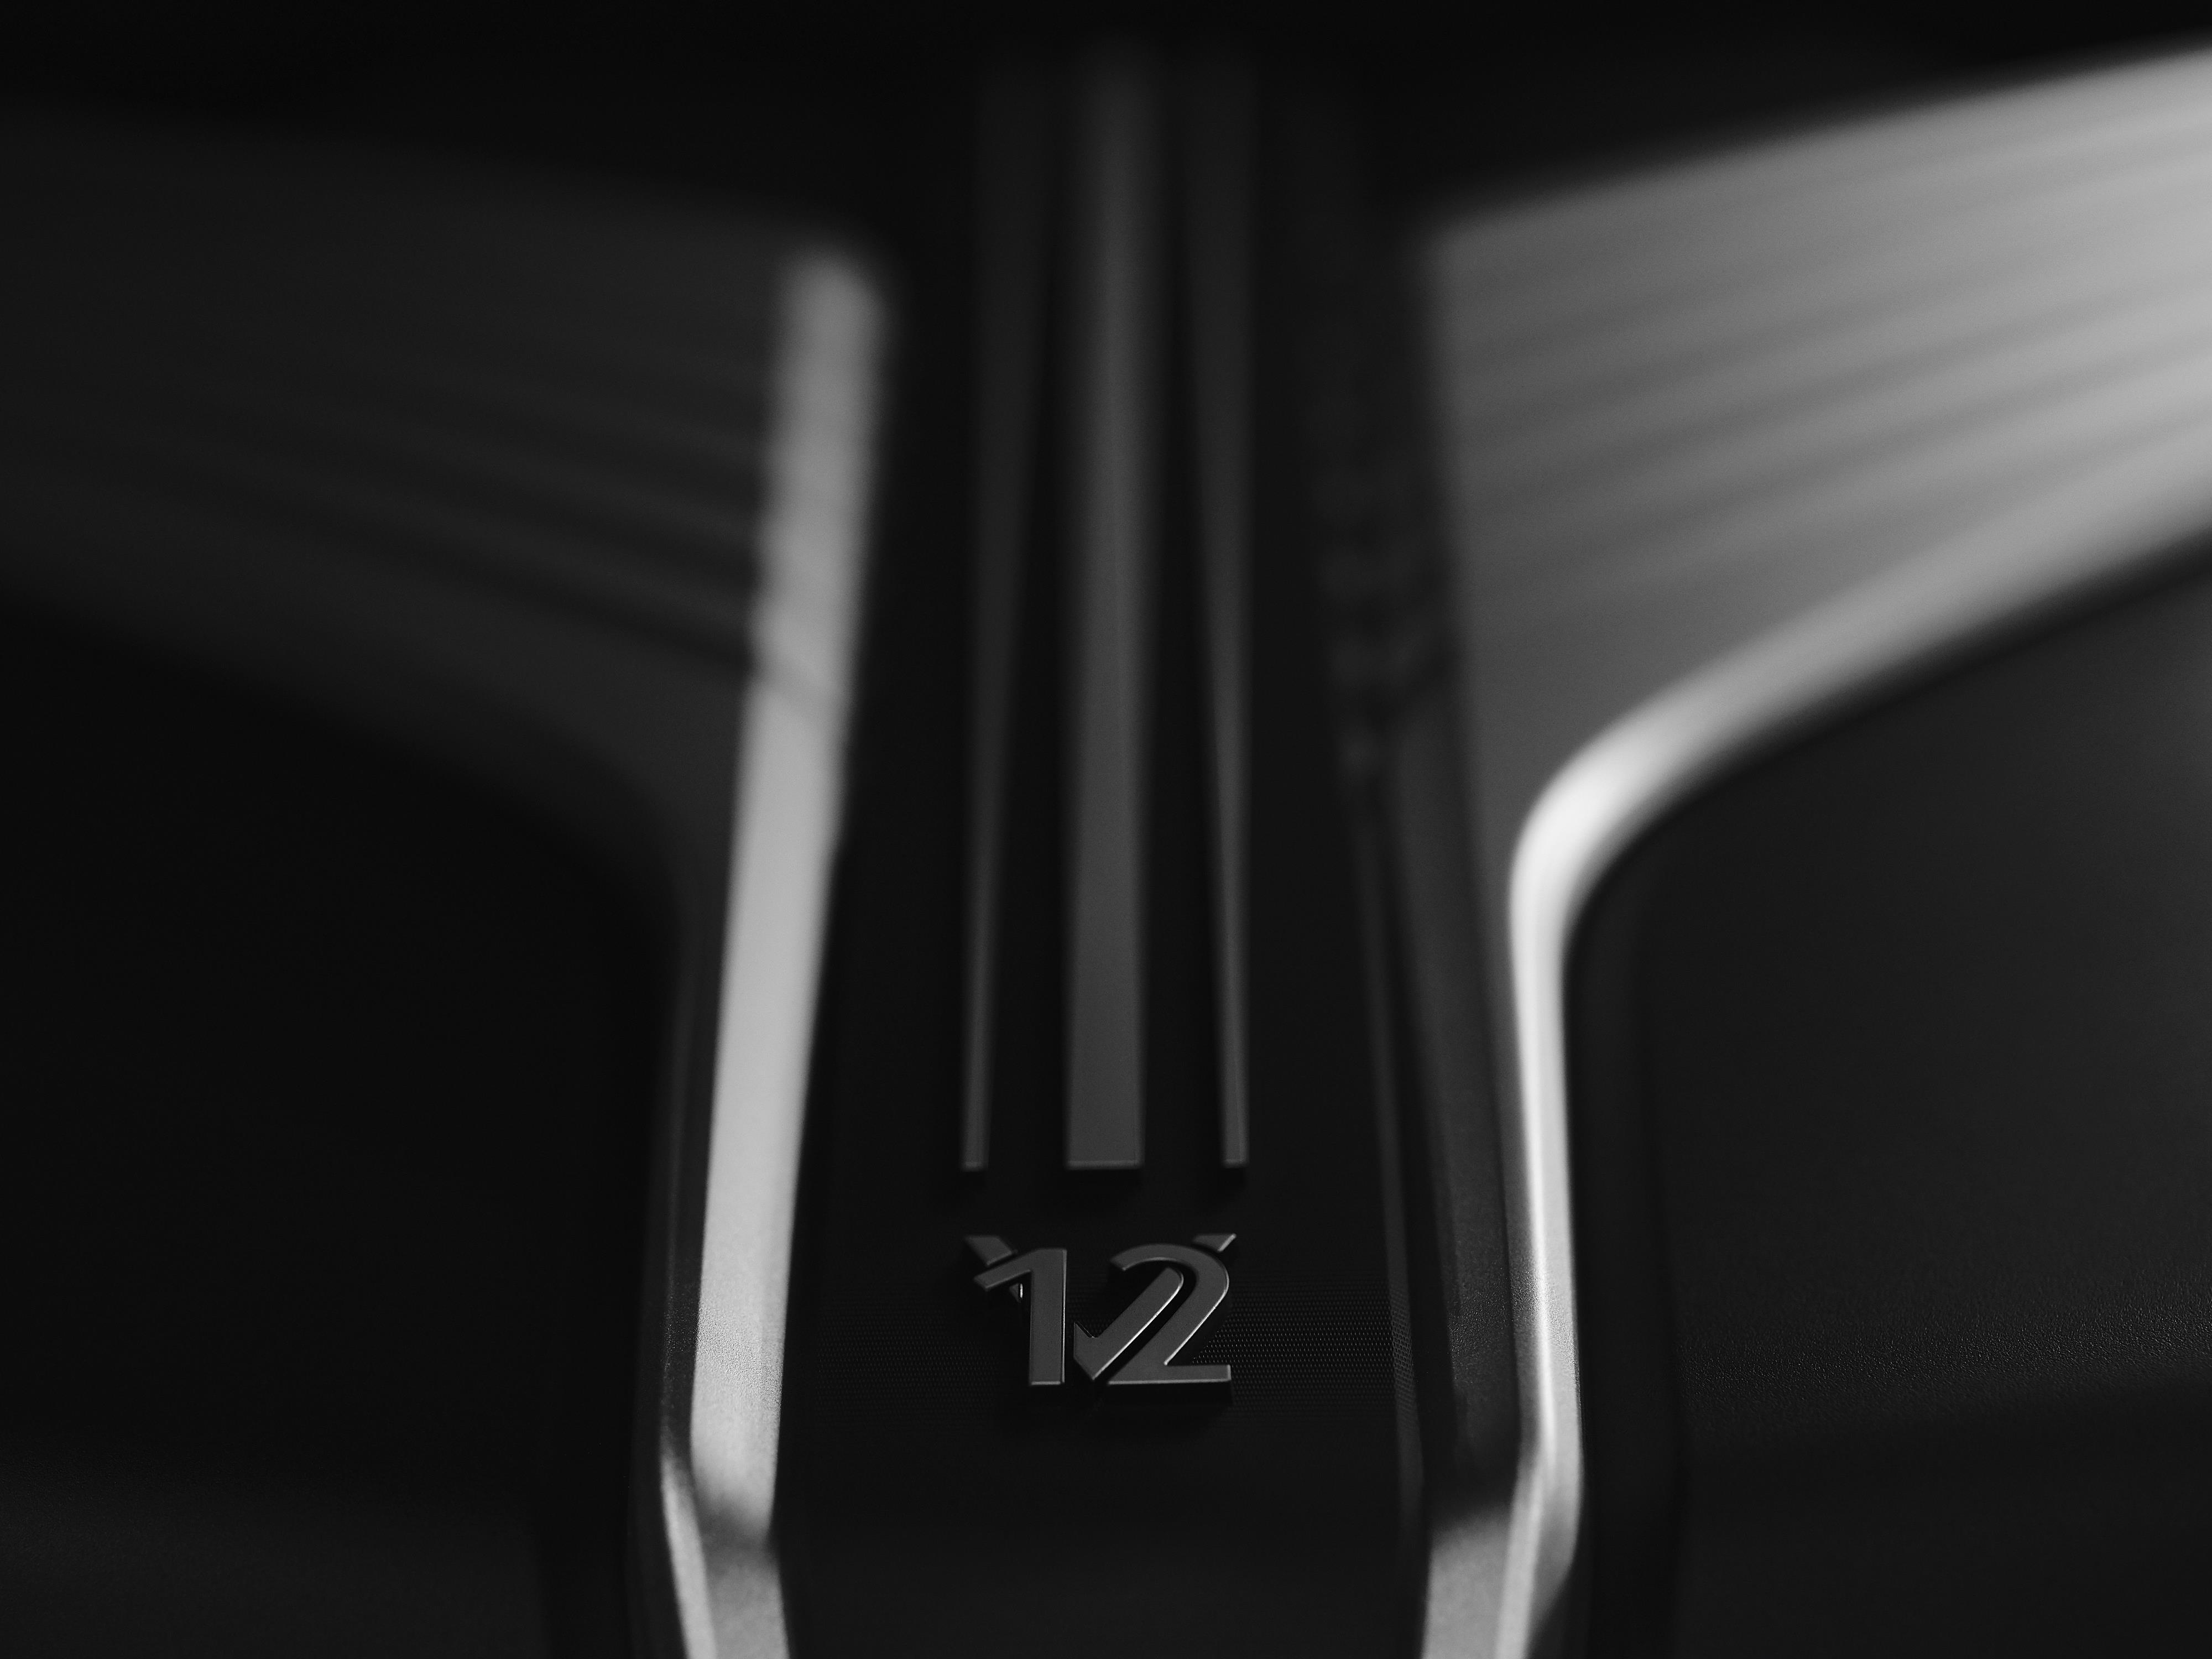 Rolls-Royce V12 Logo